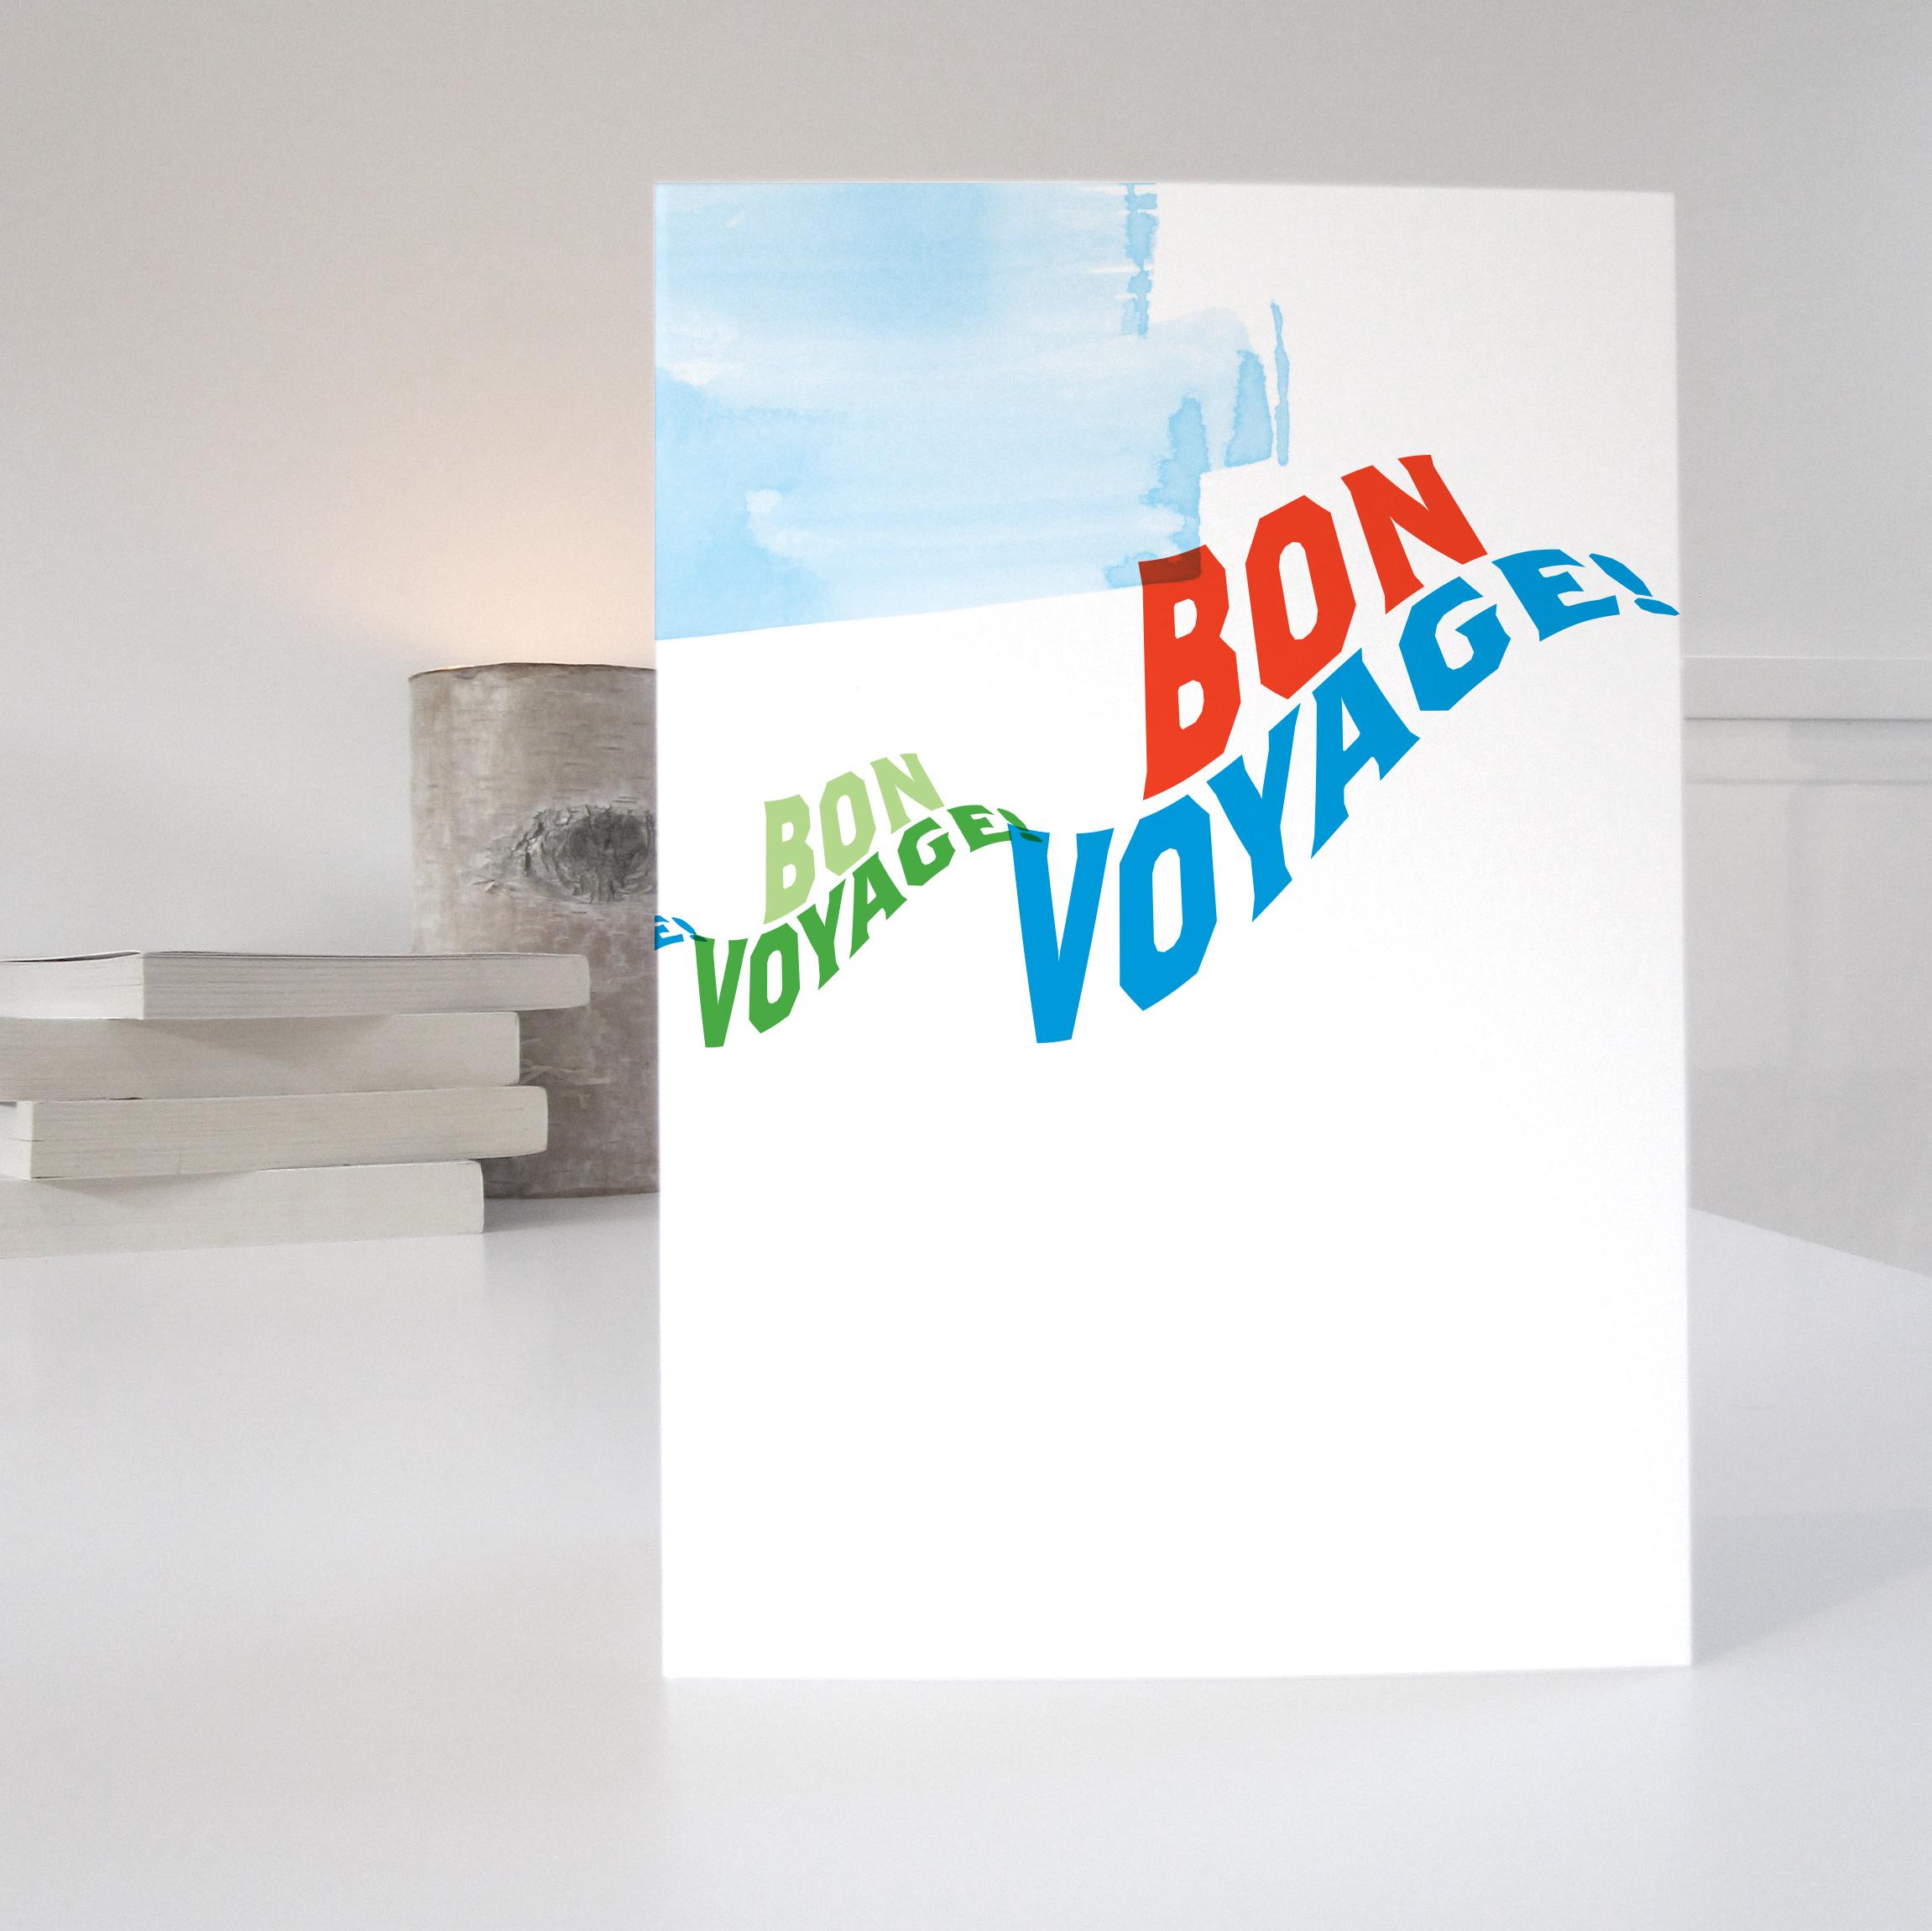 BS06_BV_bon voyage